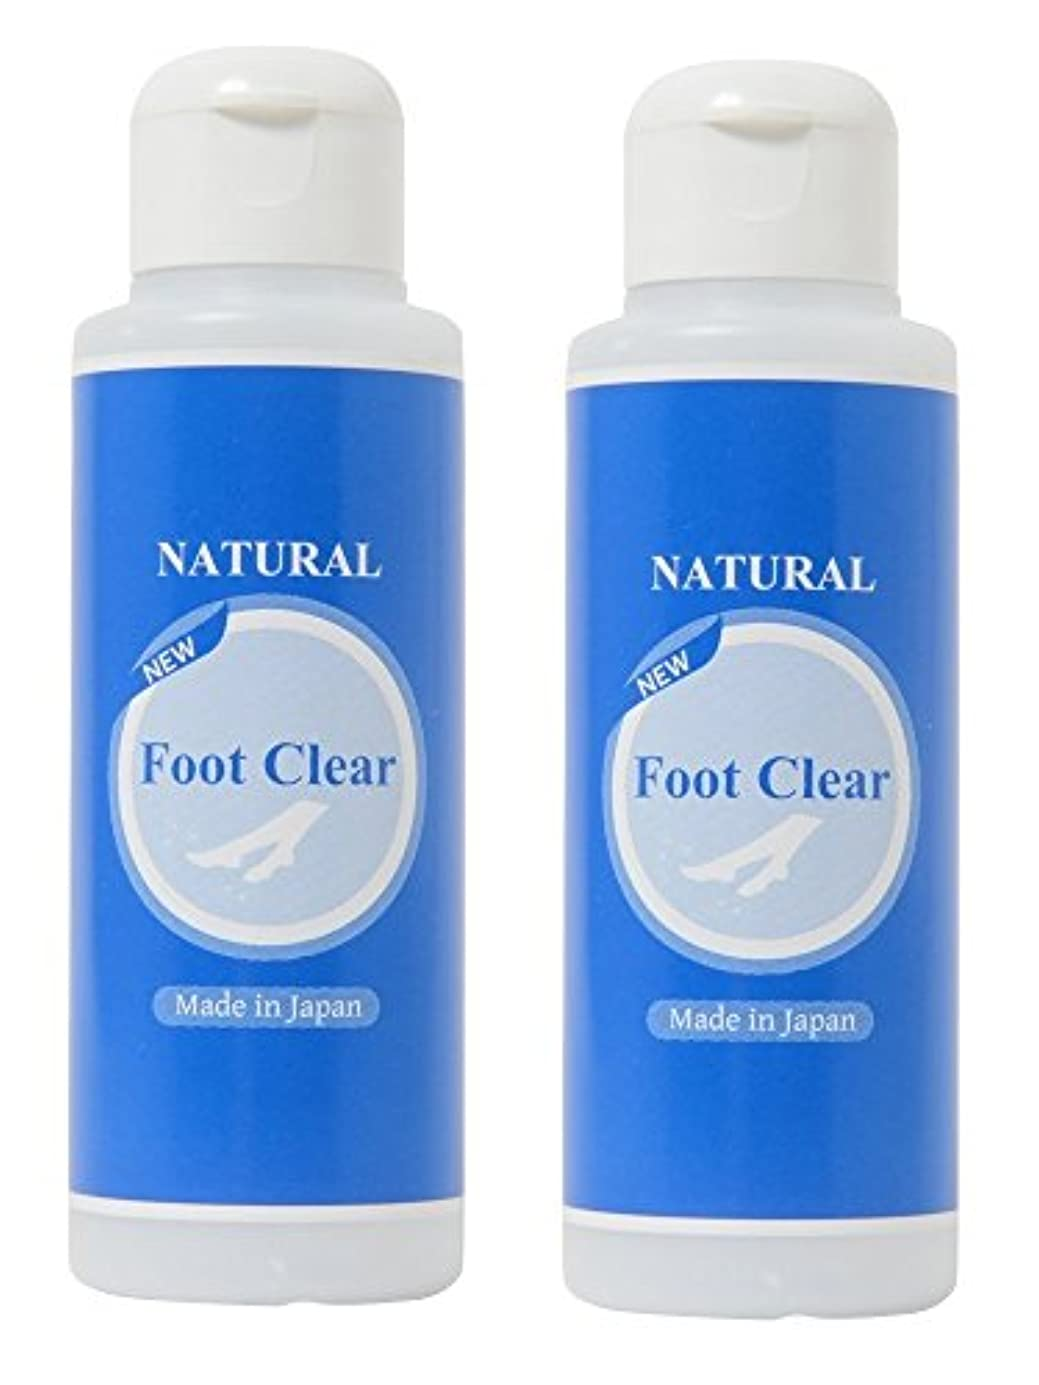 広告するヘクタールどれかフットクリア (Foot Clear) 靴の消臭パウダー フットクリア (無香料 55g)×2セット